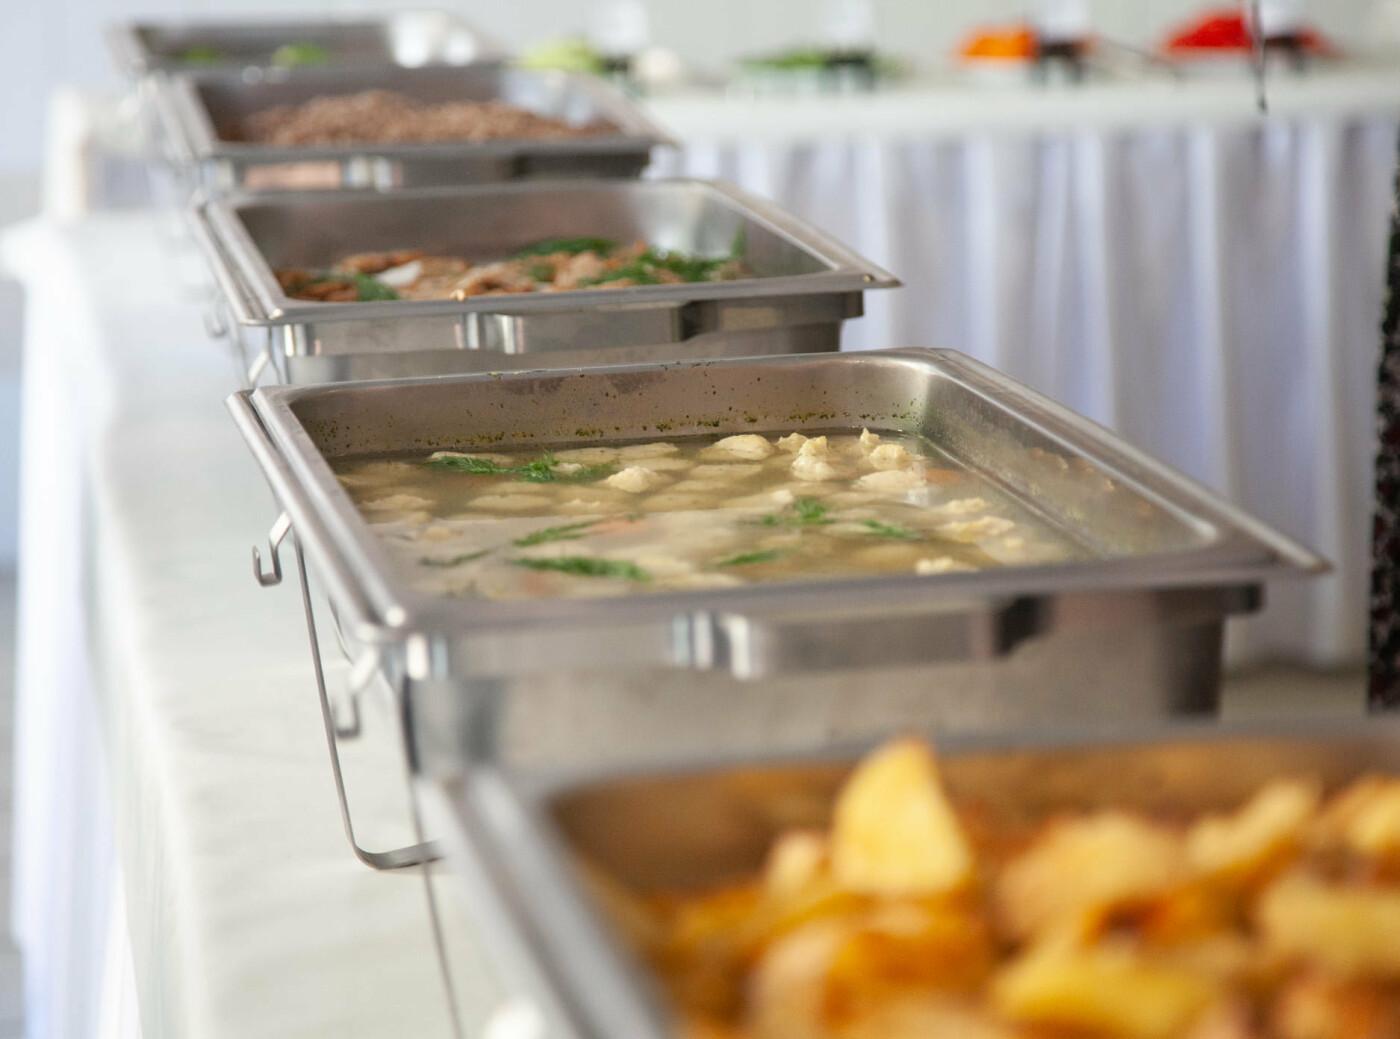 после январского локдауна вернут мультипрофильное питание для детей, Валентин Мондриевский, заместитель председателя КГГА